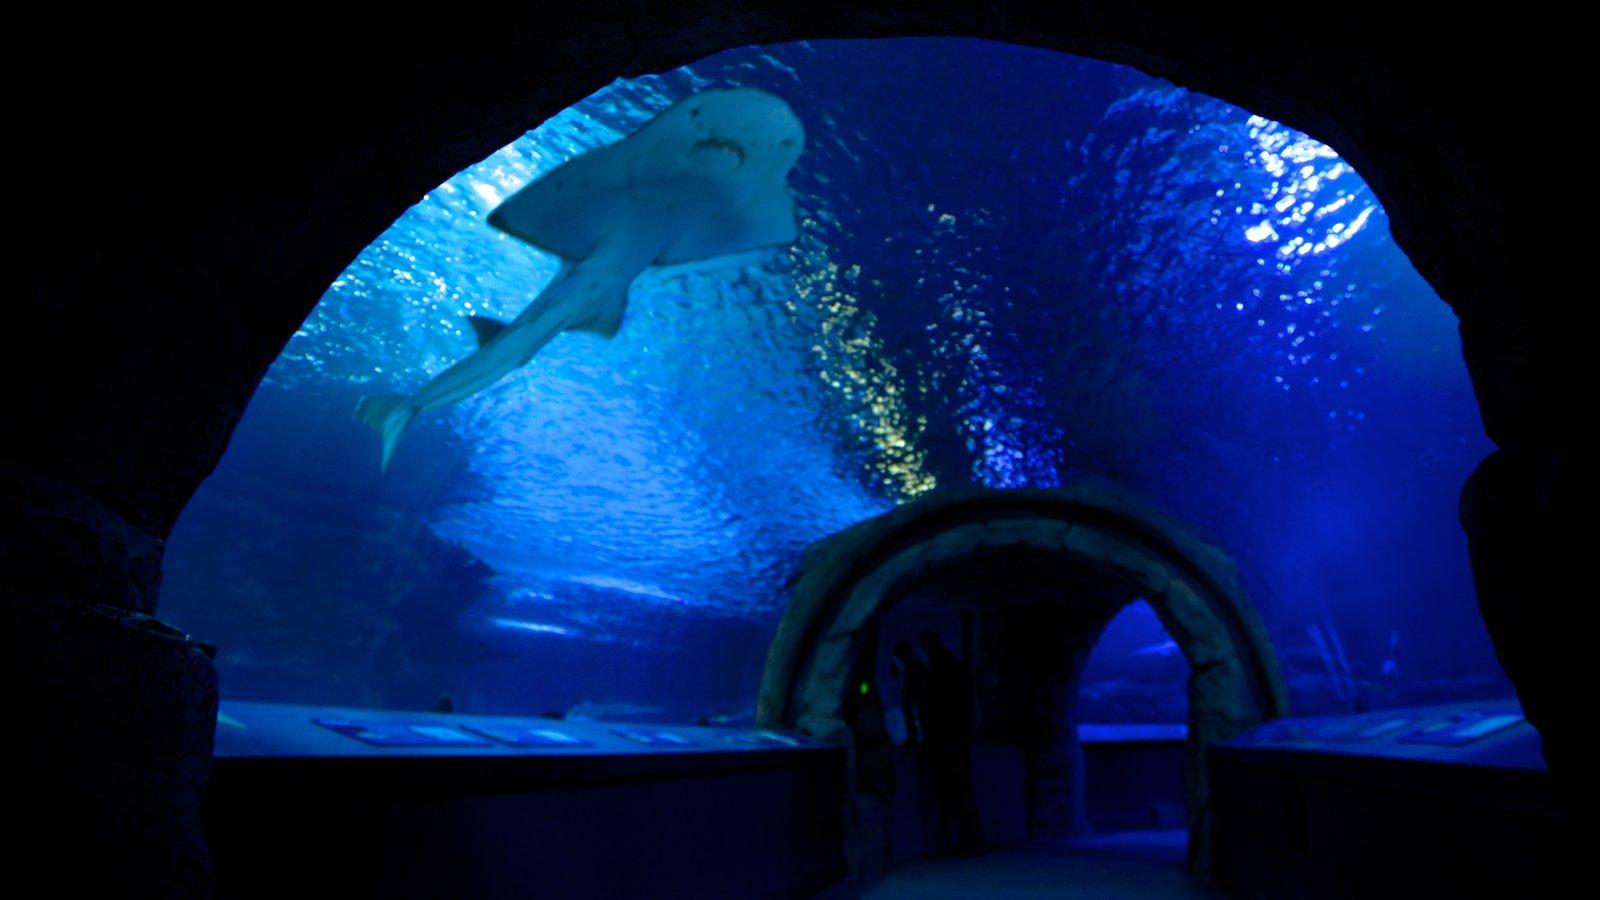 Newport Aquarium que inclui vida marinha e vistas internas